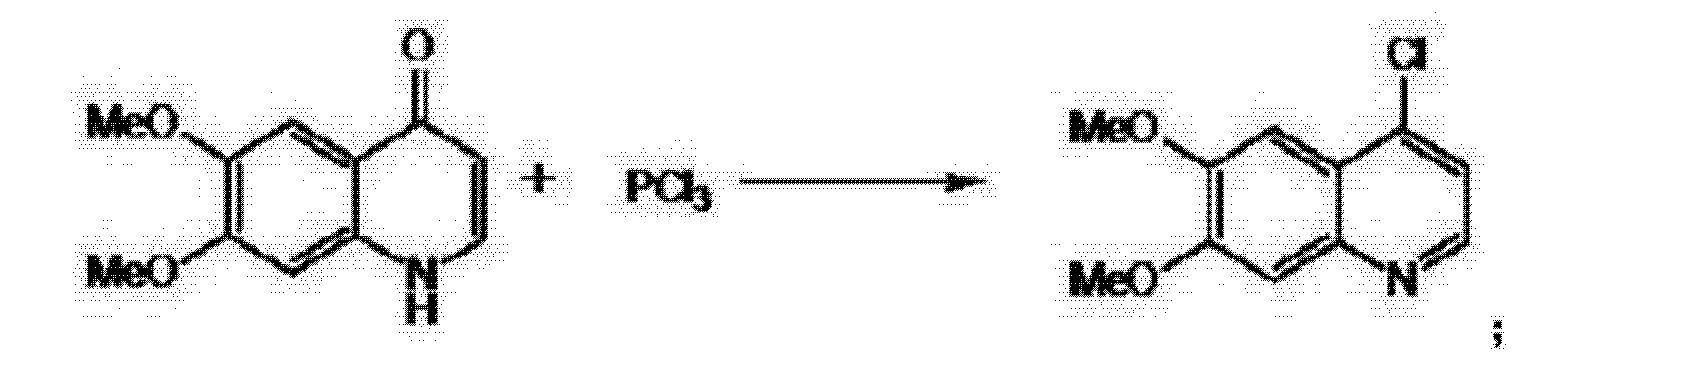 Figure CN102532116BC00023